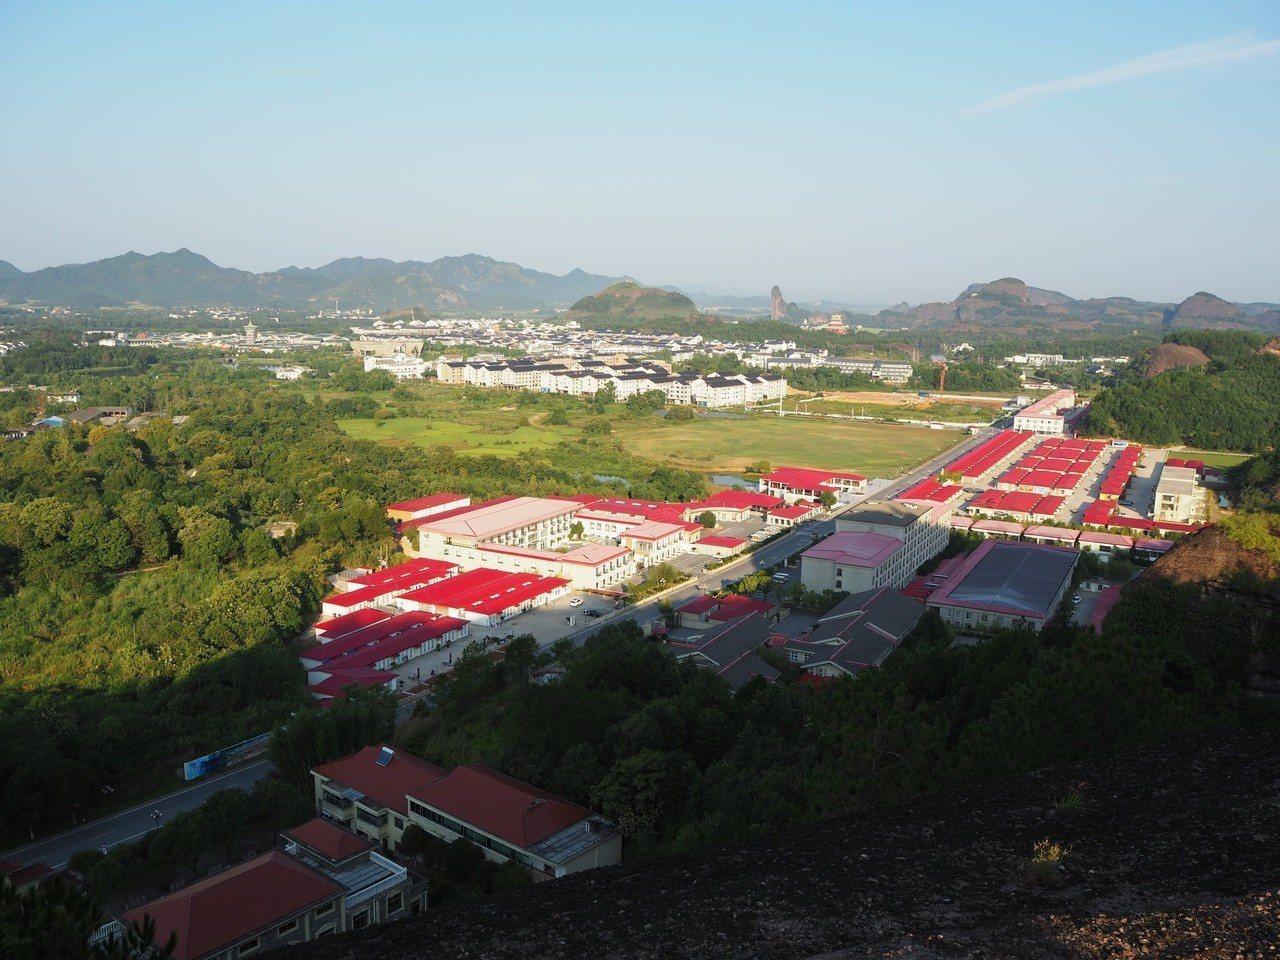 登高遠眺,小村的紅屋頂反倒變得很有特色。 特派記者羅建怡/攝影